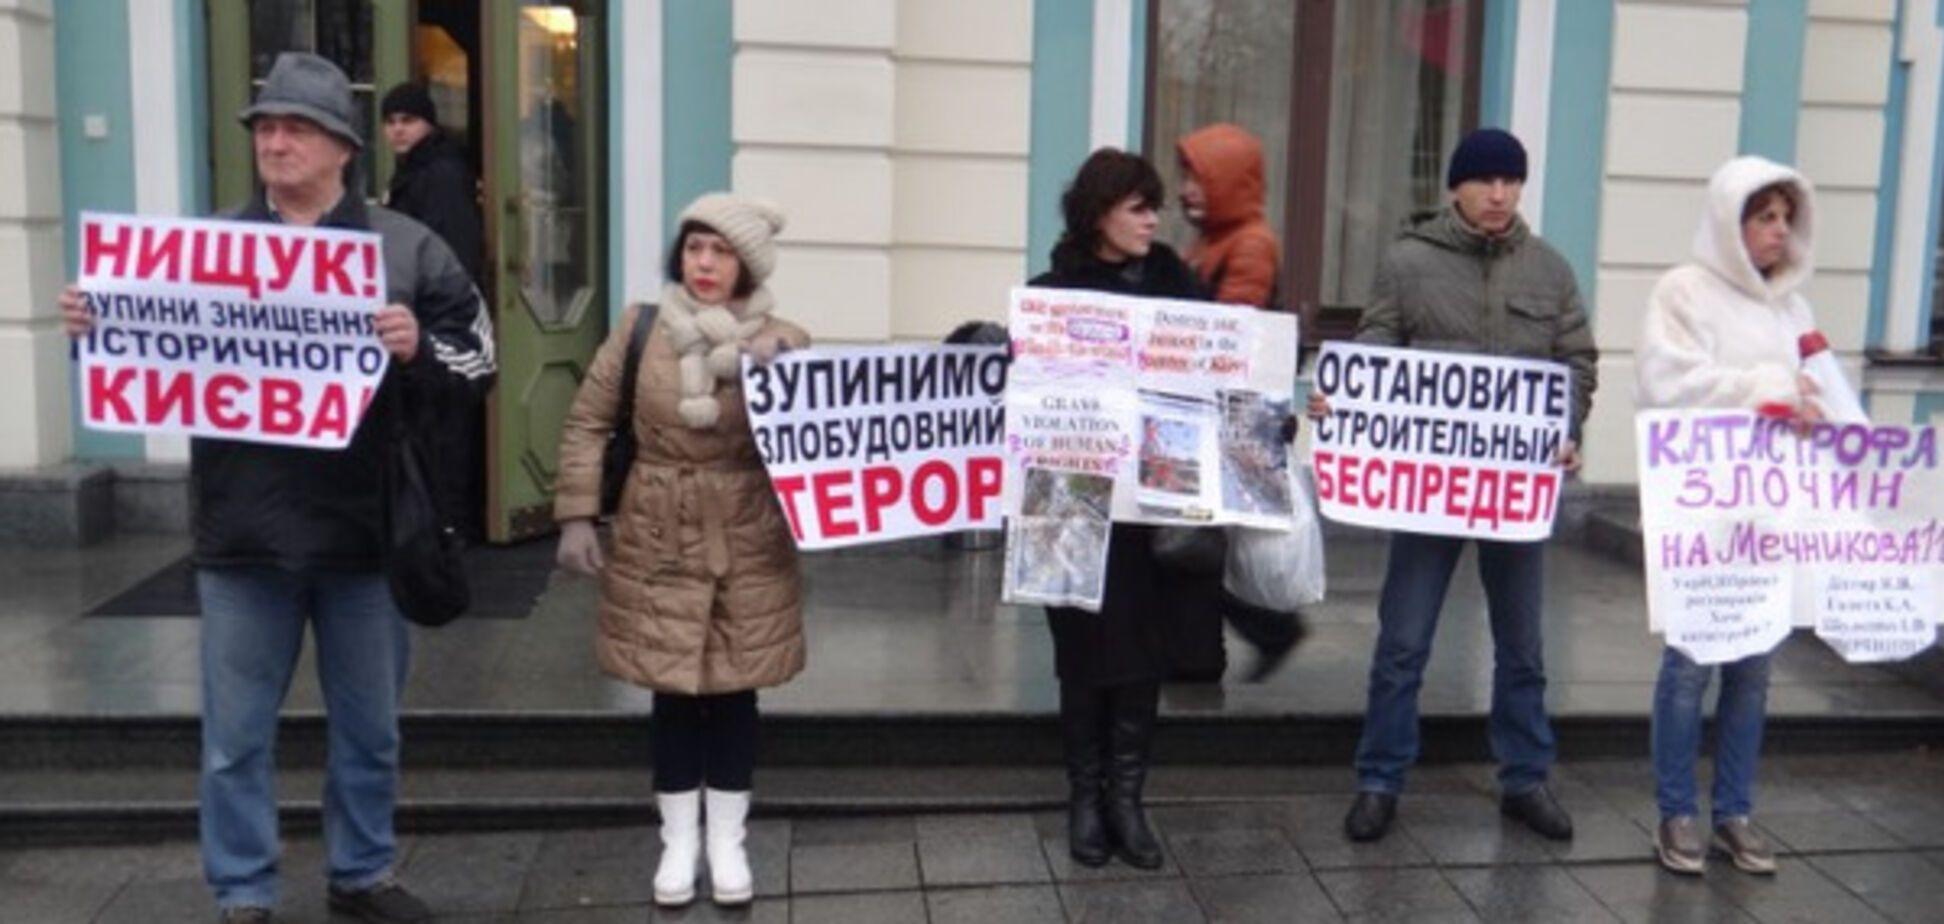 Заступник міністра культури Мазур: мітингувальники на Мечникова - проплачені